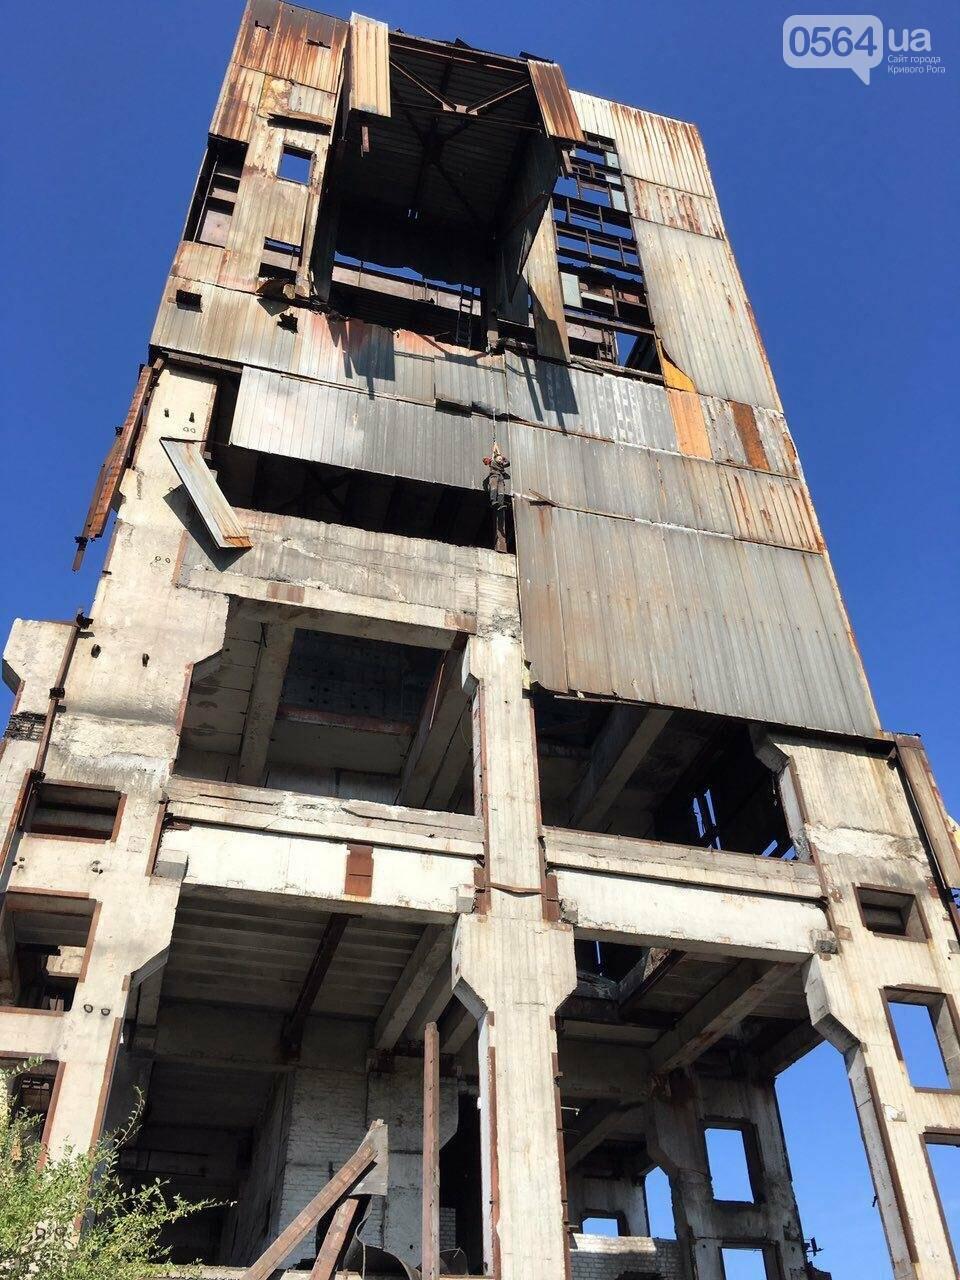 В Кривом Роге на заброшенном здании обнаружили труп мужчины, - ФОТО, ВИДЕО 18+, фото-1